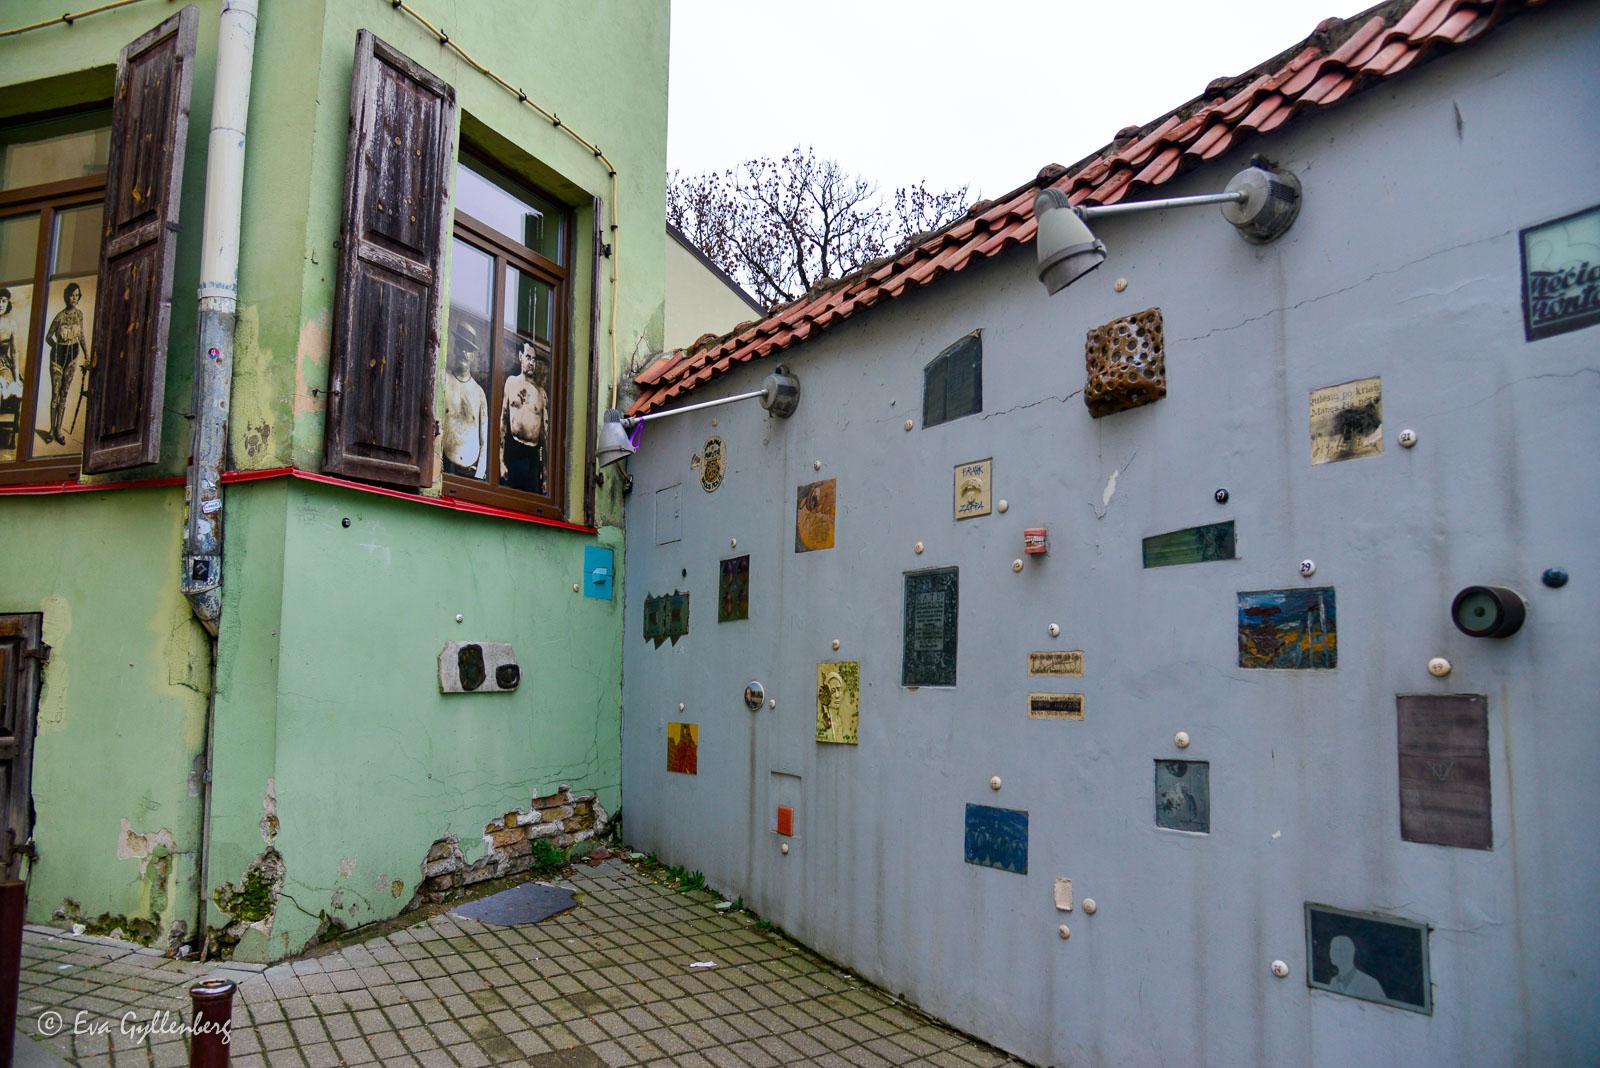 Sevärdheter i Vilnius - Mina 12 favoriter 43